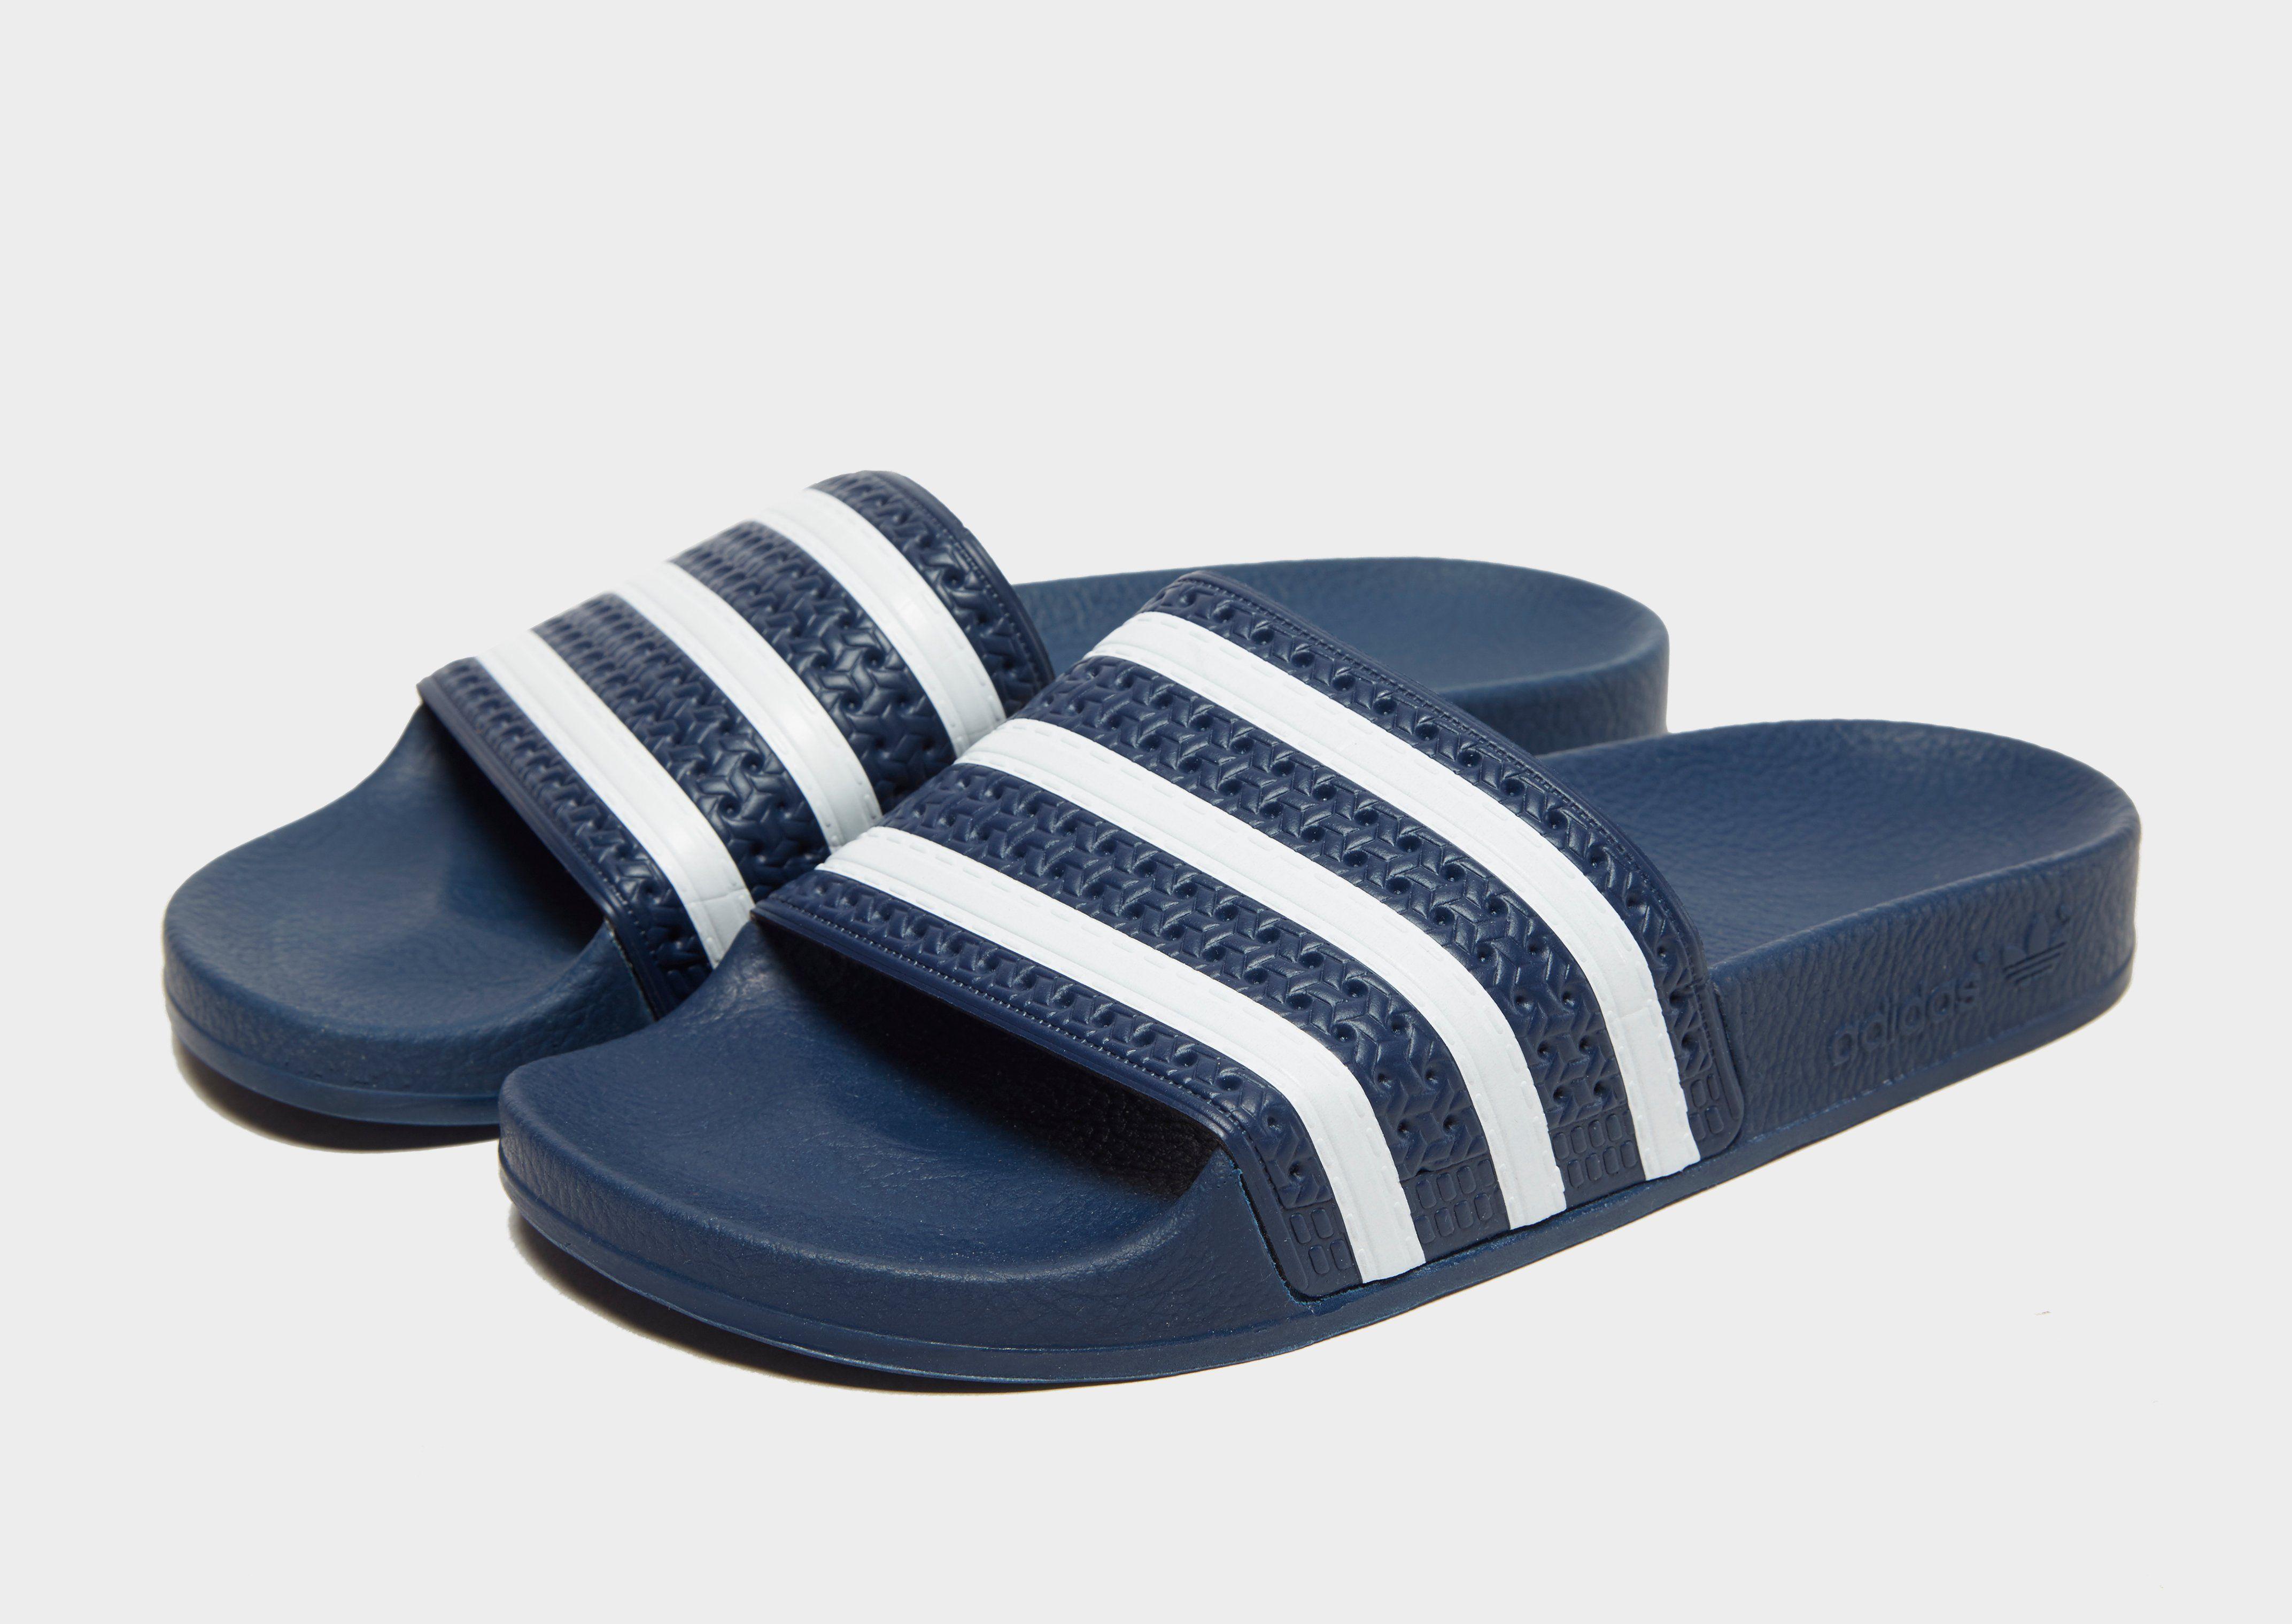 Luxury Slide Sandal 082008 Adidas Originals Womens Adilette Slides Sandals